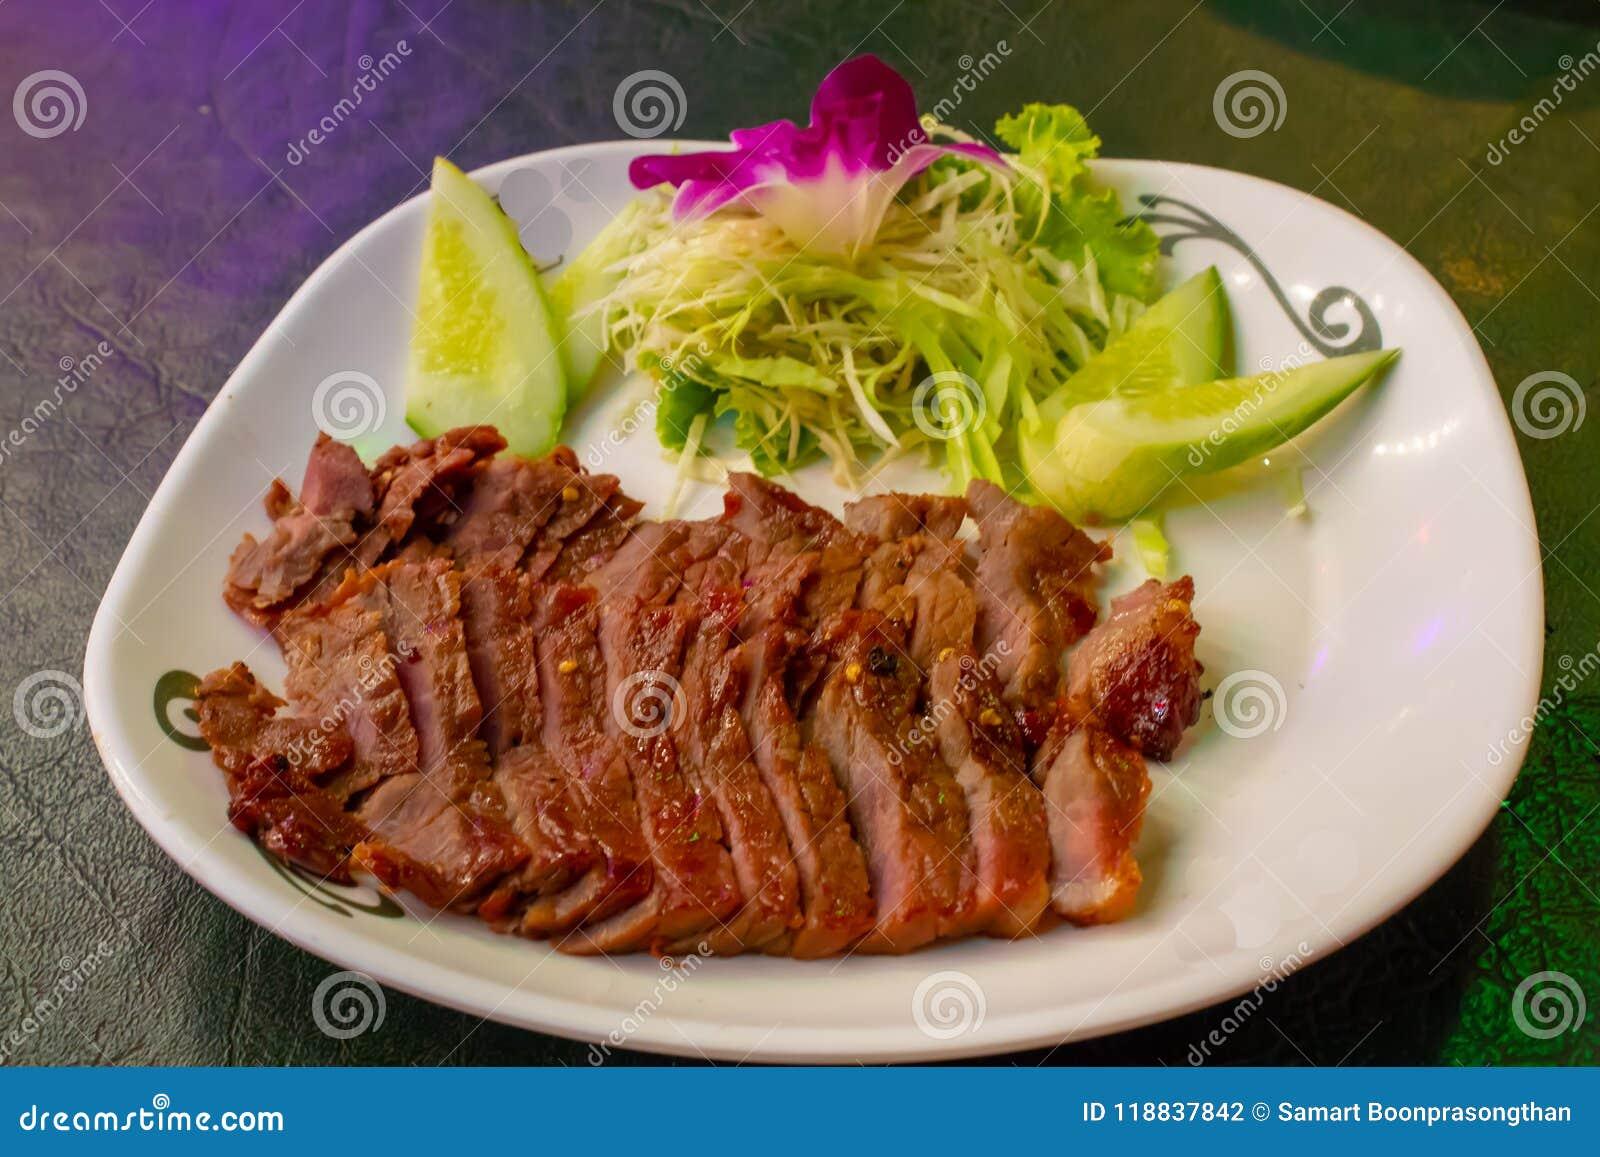 Grillat nötkött på en vit platta med såsen och grönsakerna